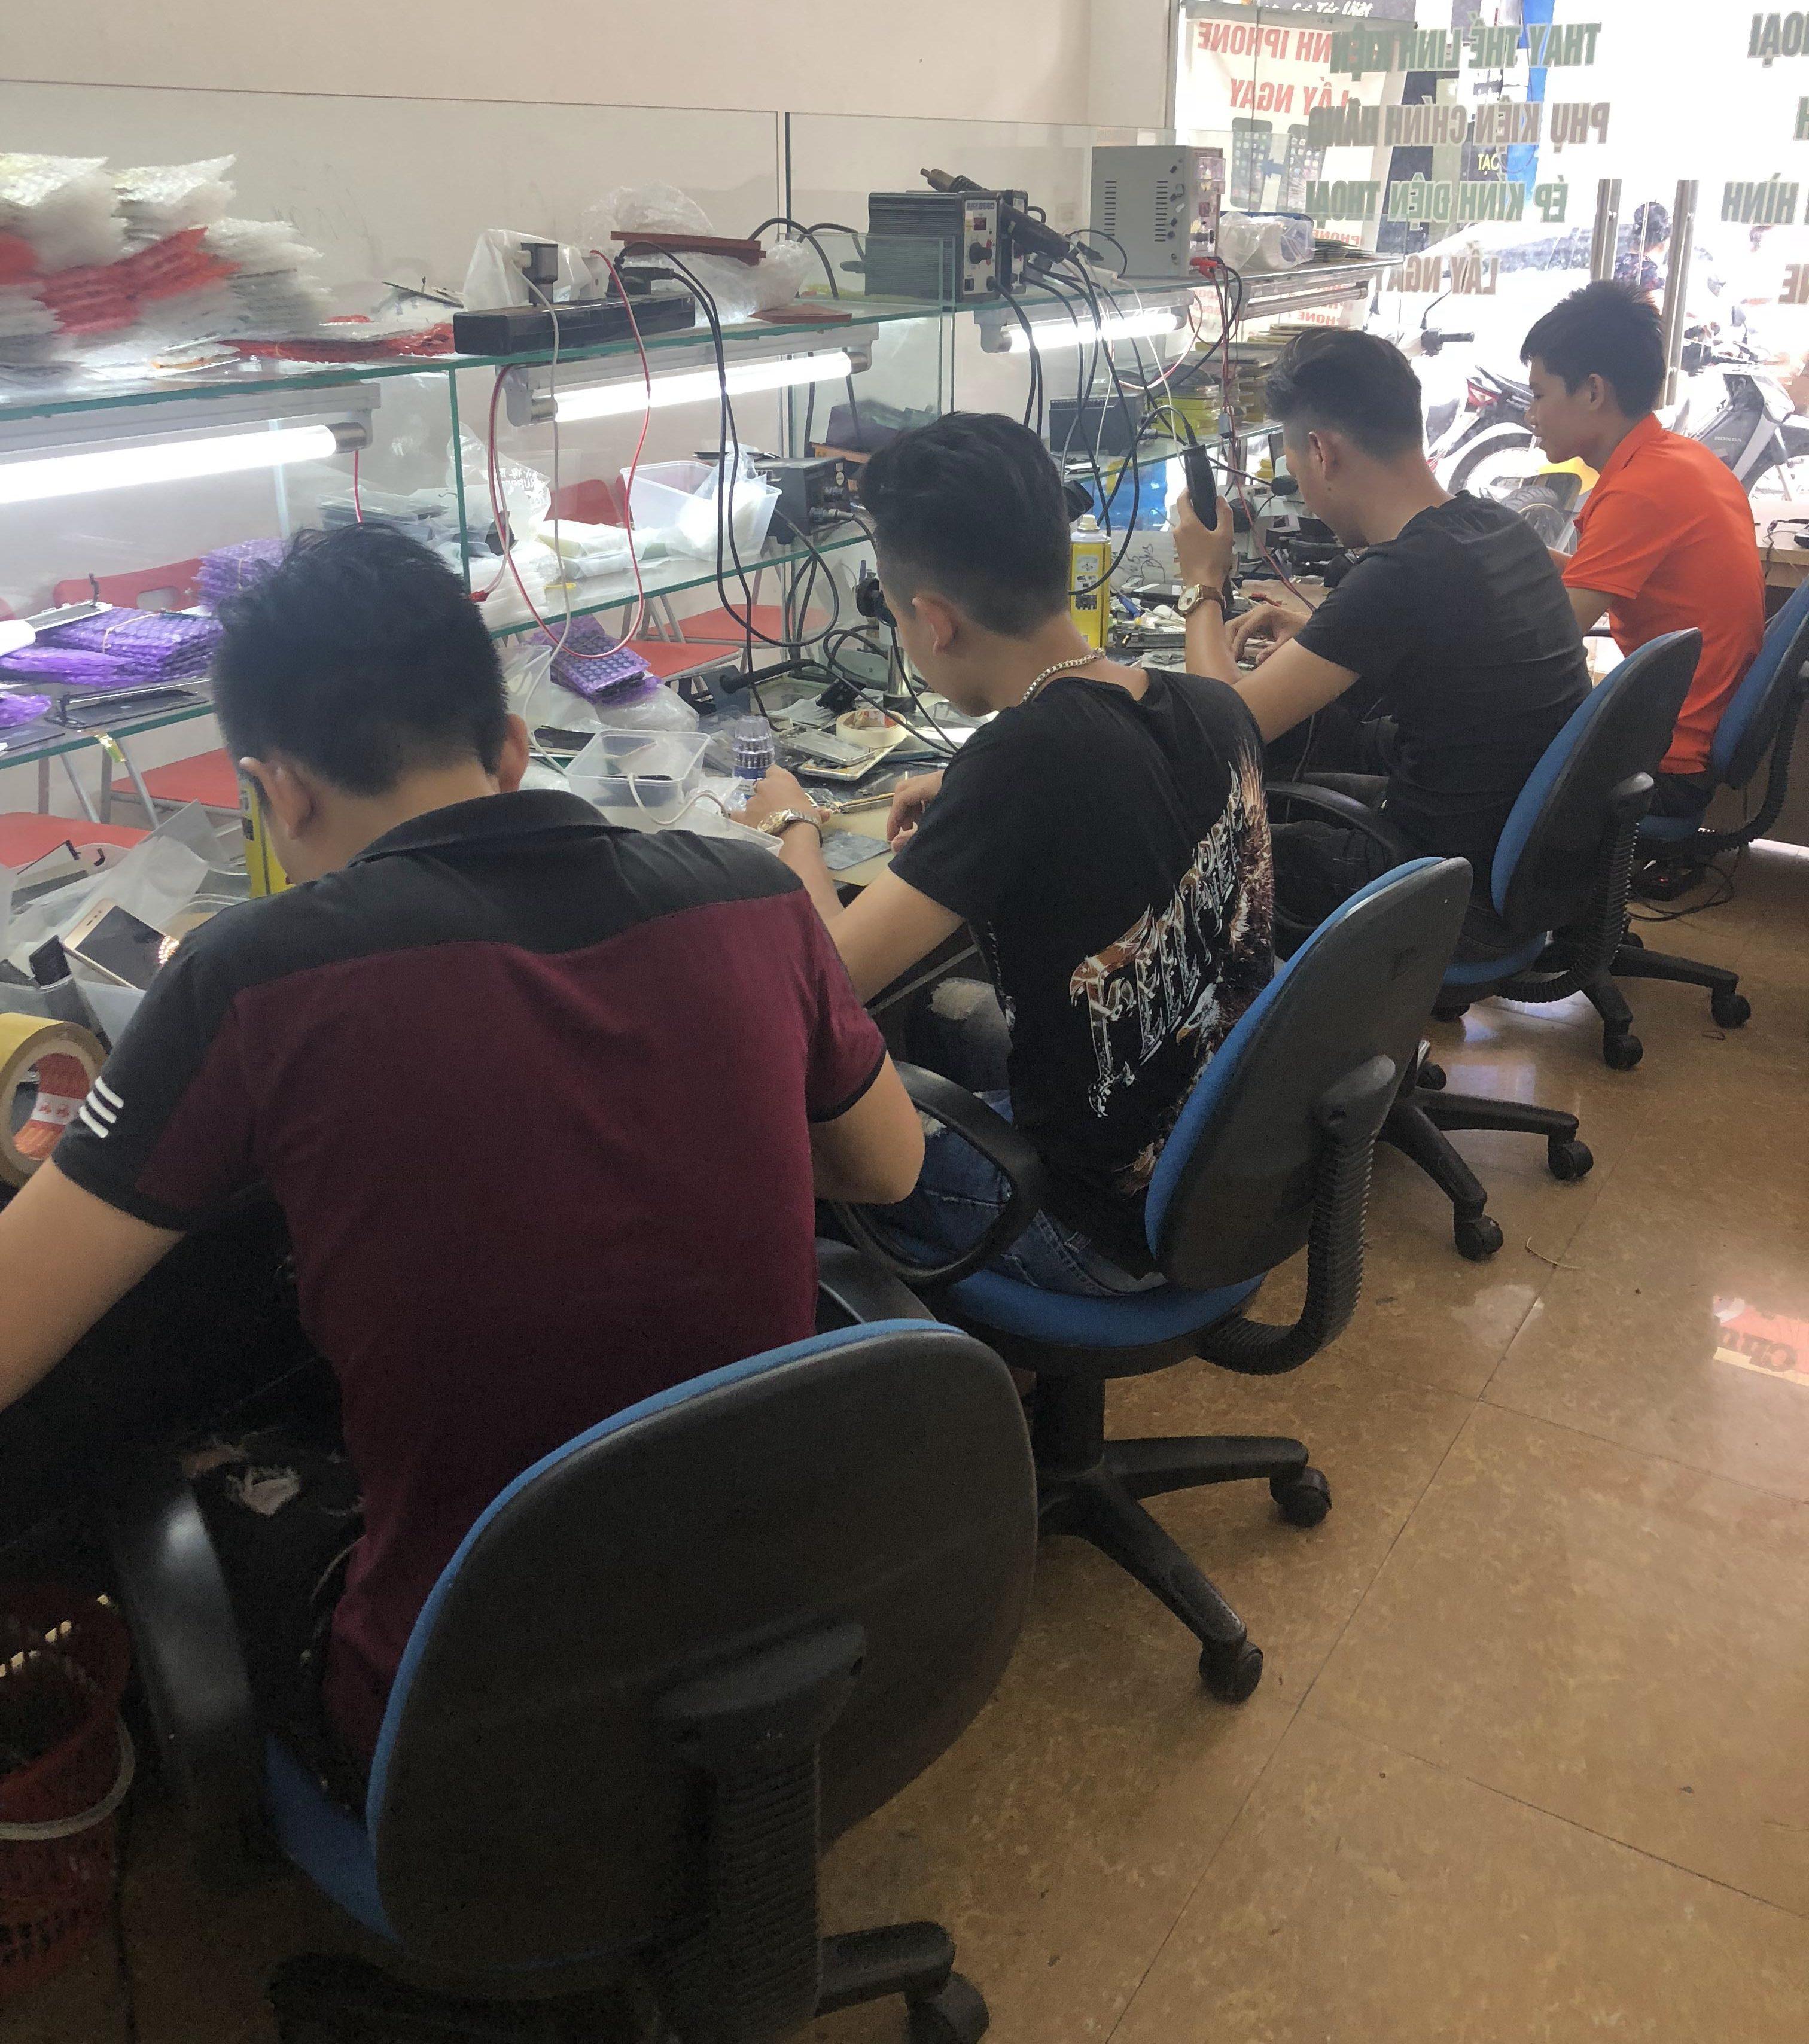 Đội ngũ kỹ thuật lành nghề giúp thay mặt kính Lenovo k910 đảm bảo nhất